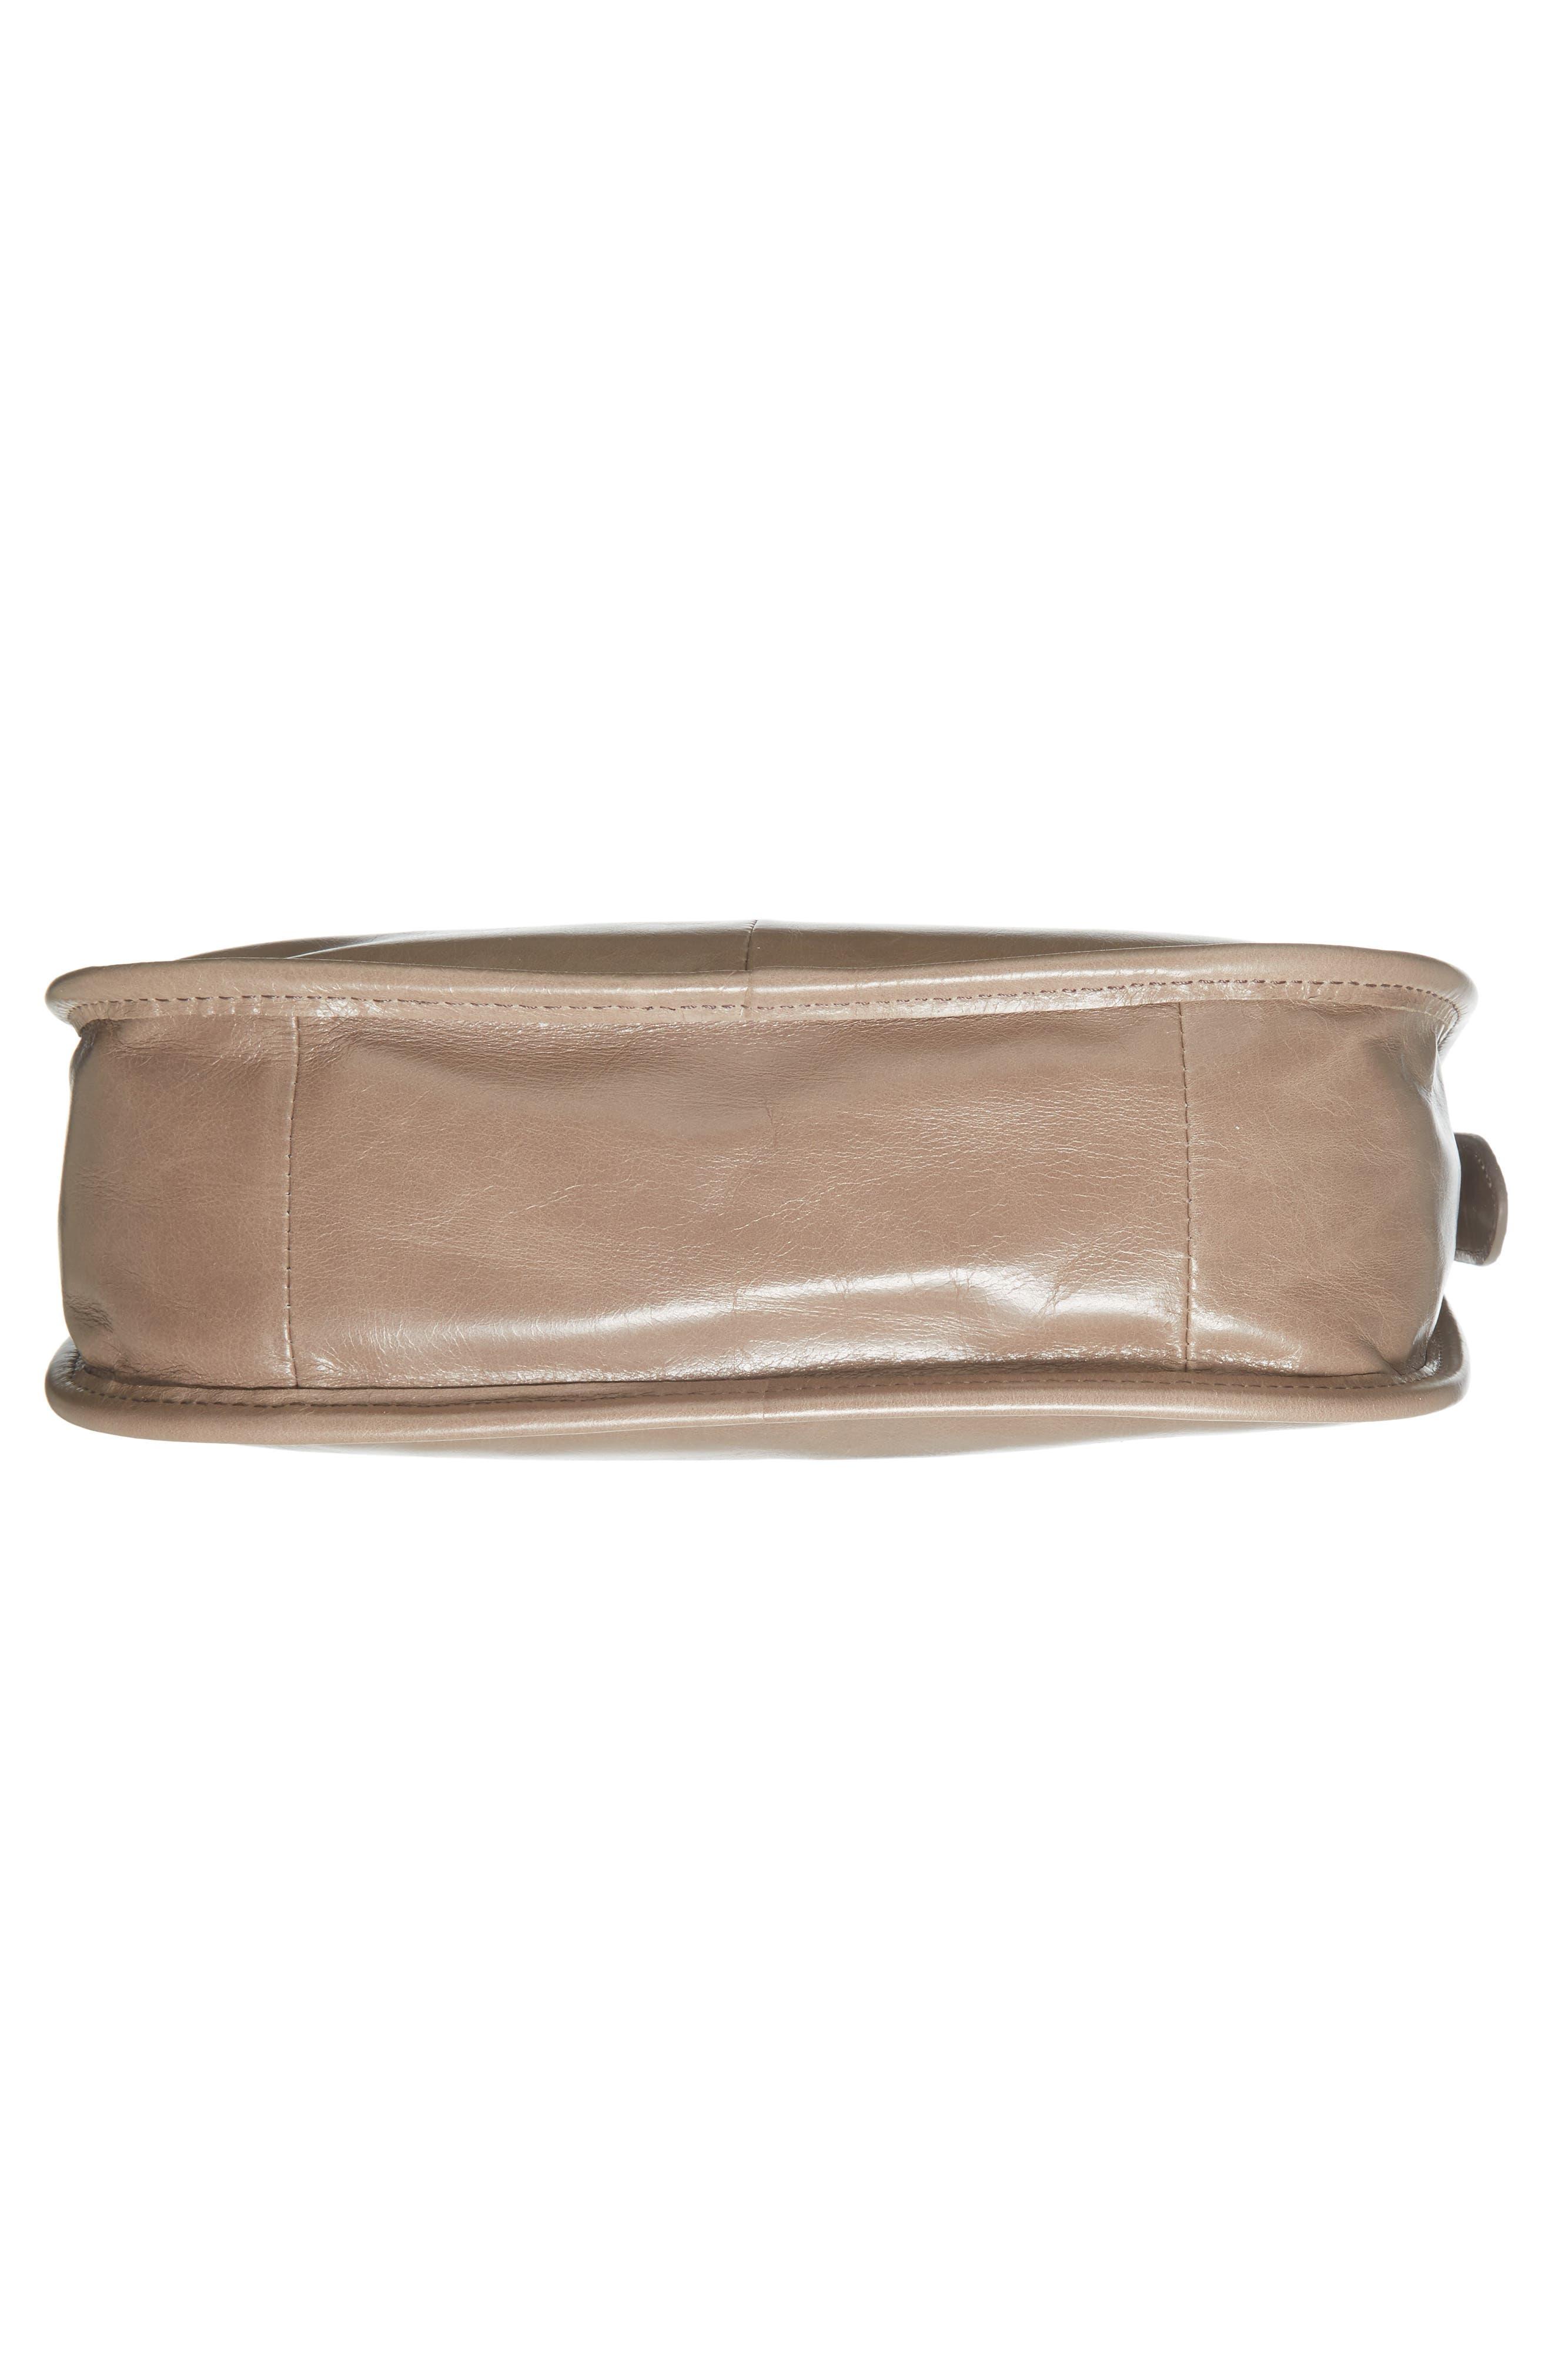 Alternate Image 5  - Hobo Chase Calfskin Leather Crossbody Bag